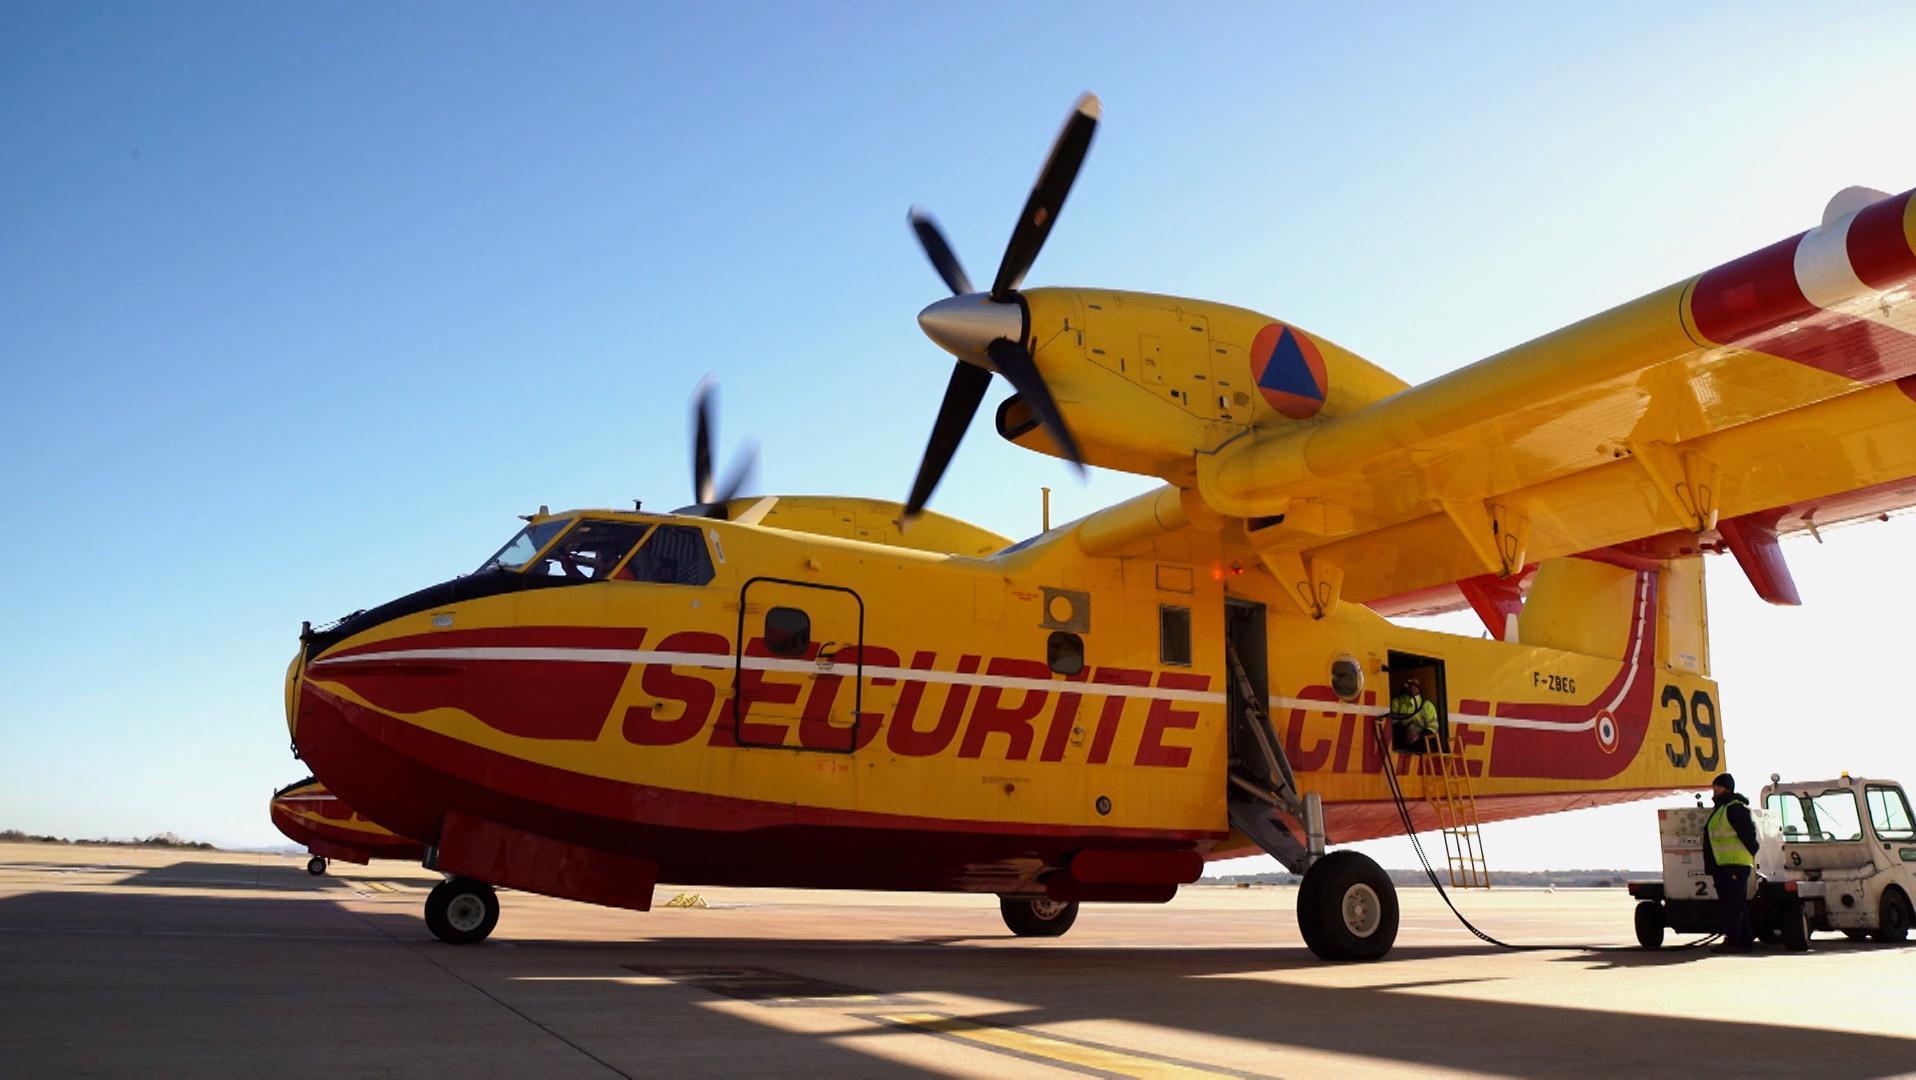 Avion Canadair jaune et rouge